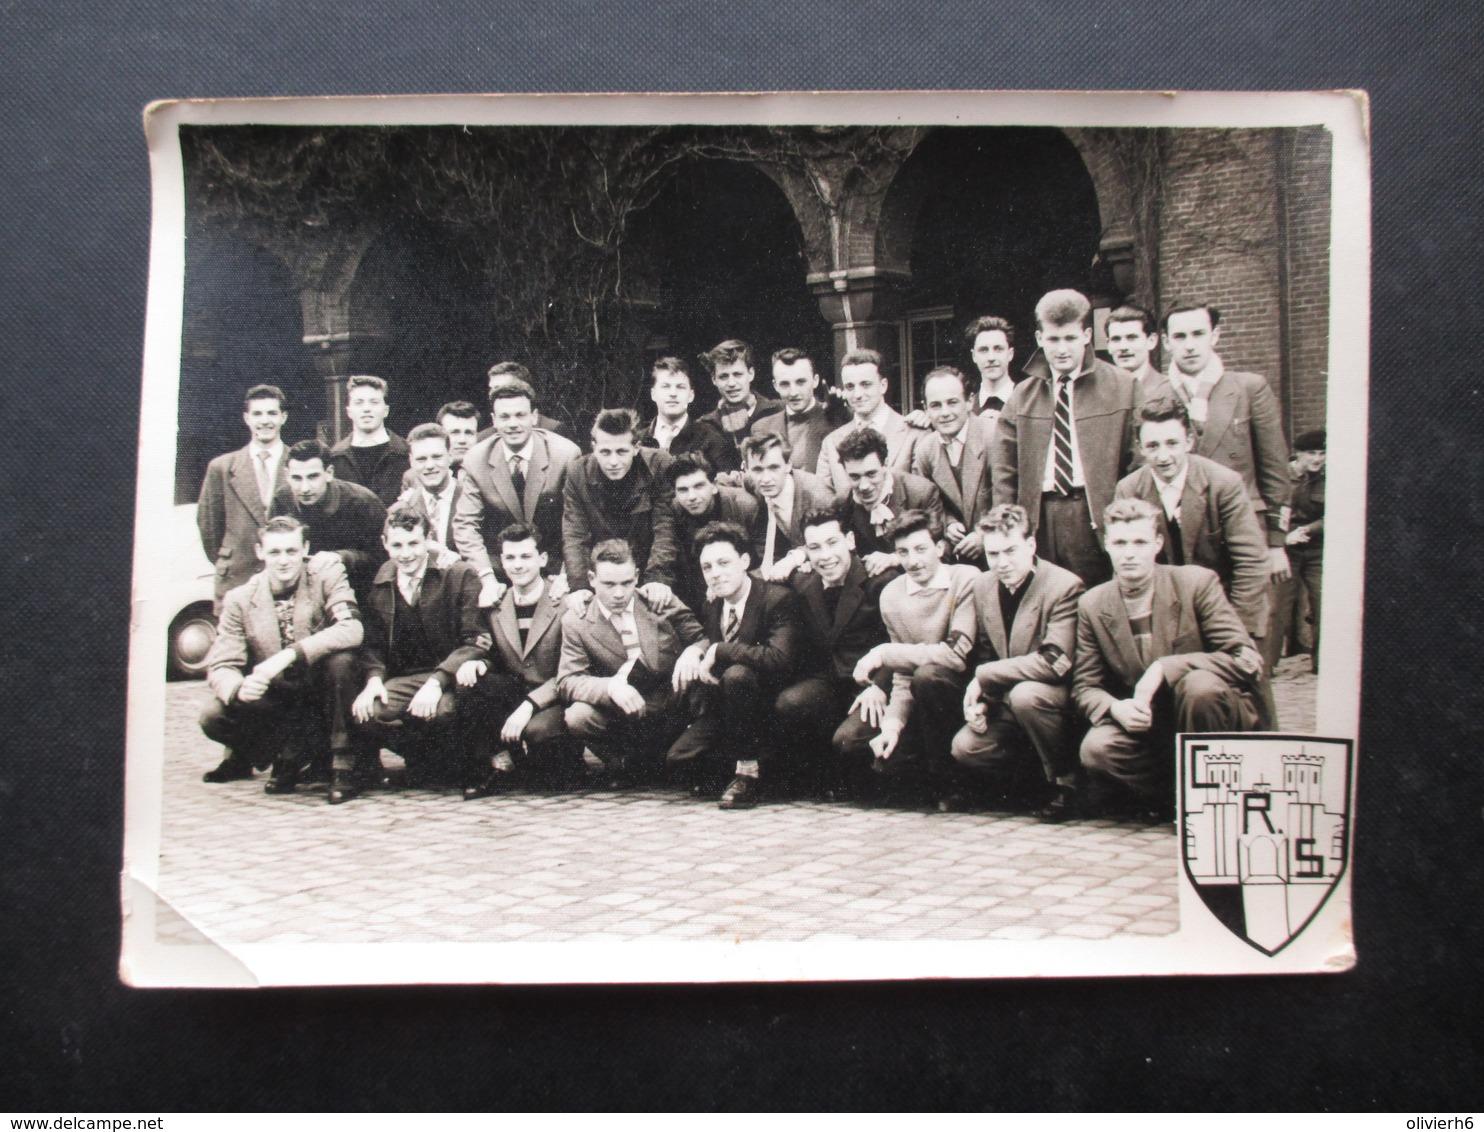 PHOTO GROUPE DE JEUNES  (M1801) CRS (1 Vue) Petit Château Bruxelles? - War, Military